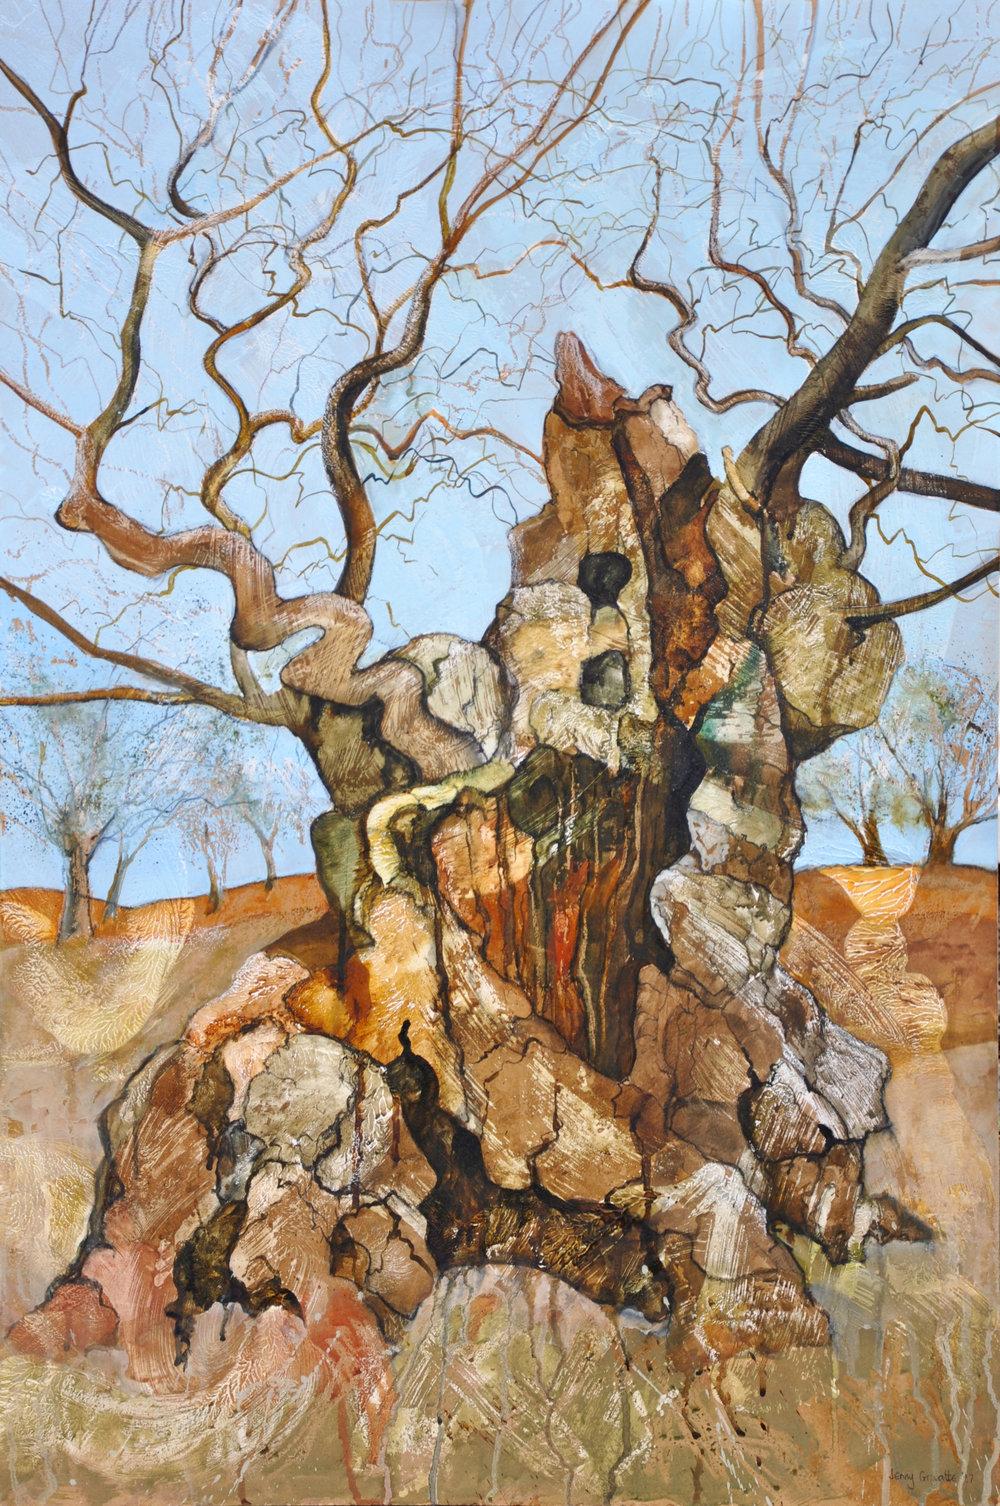 Portrait of a hollow oak, Bradgate